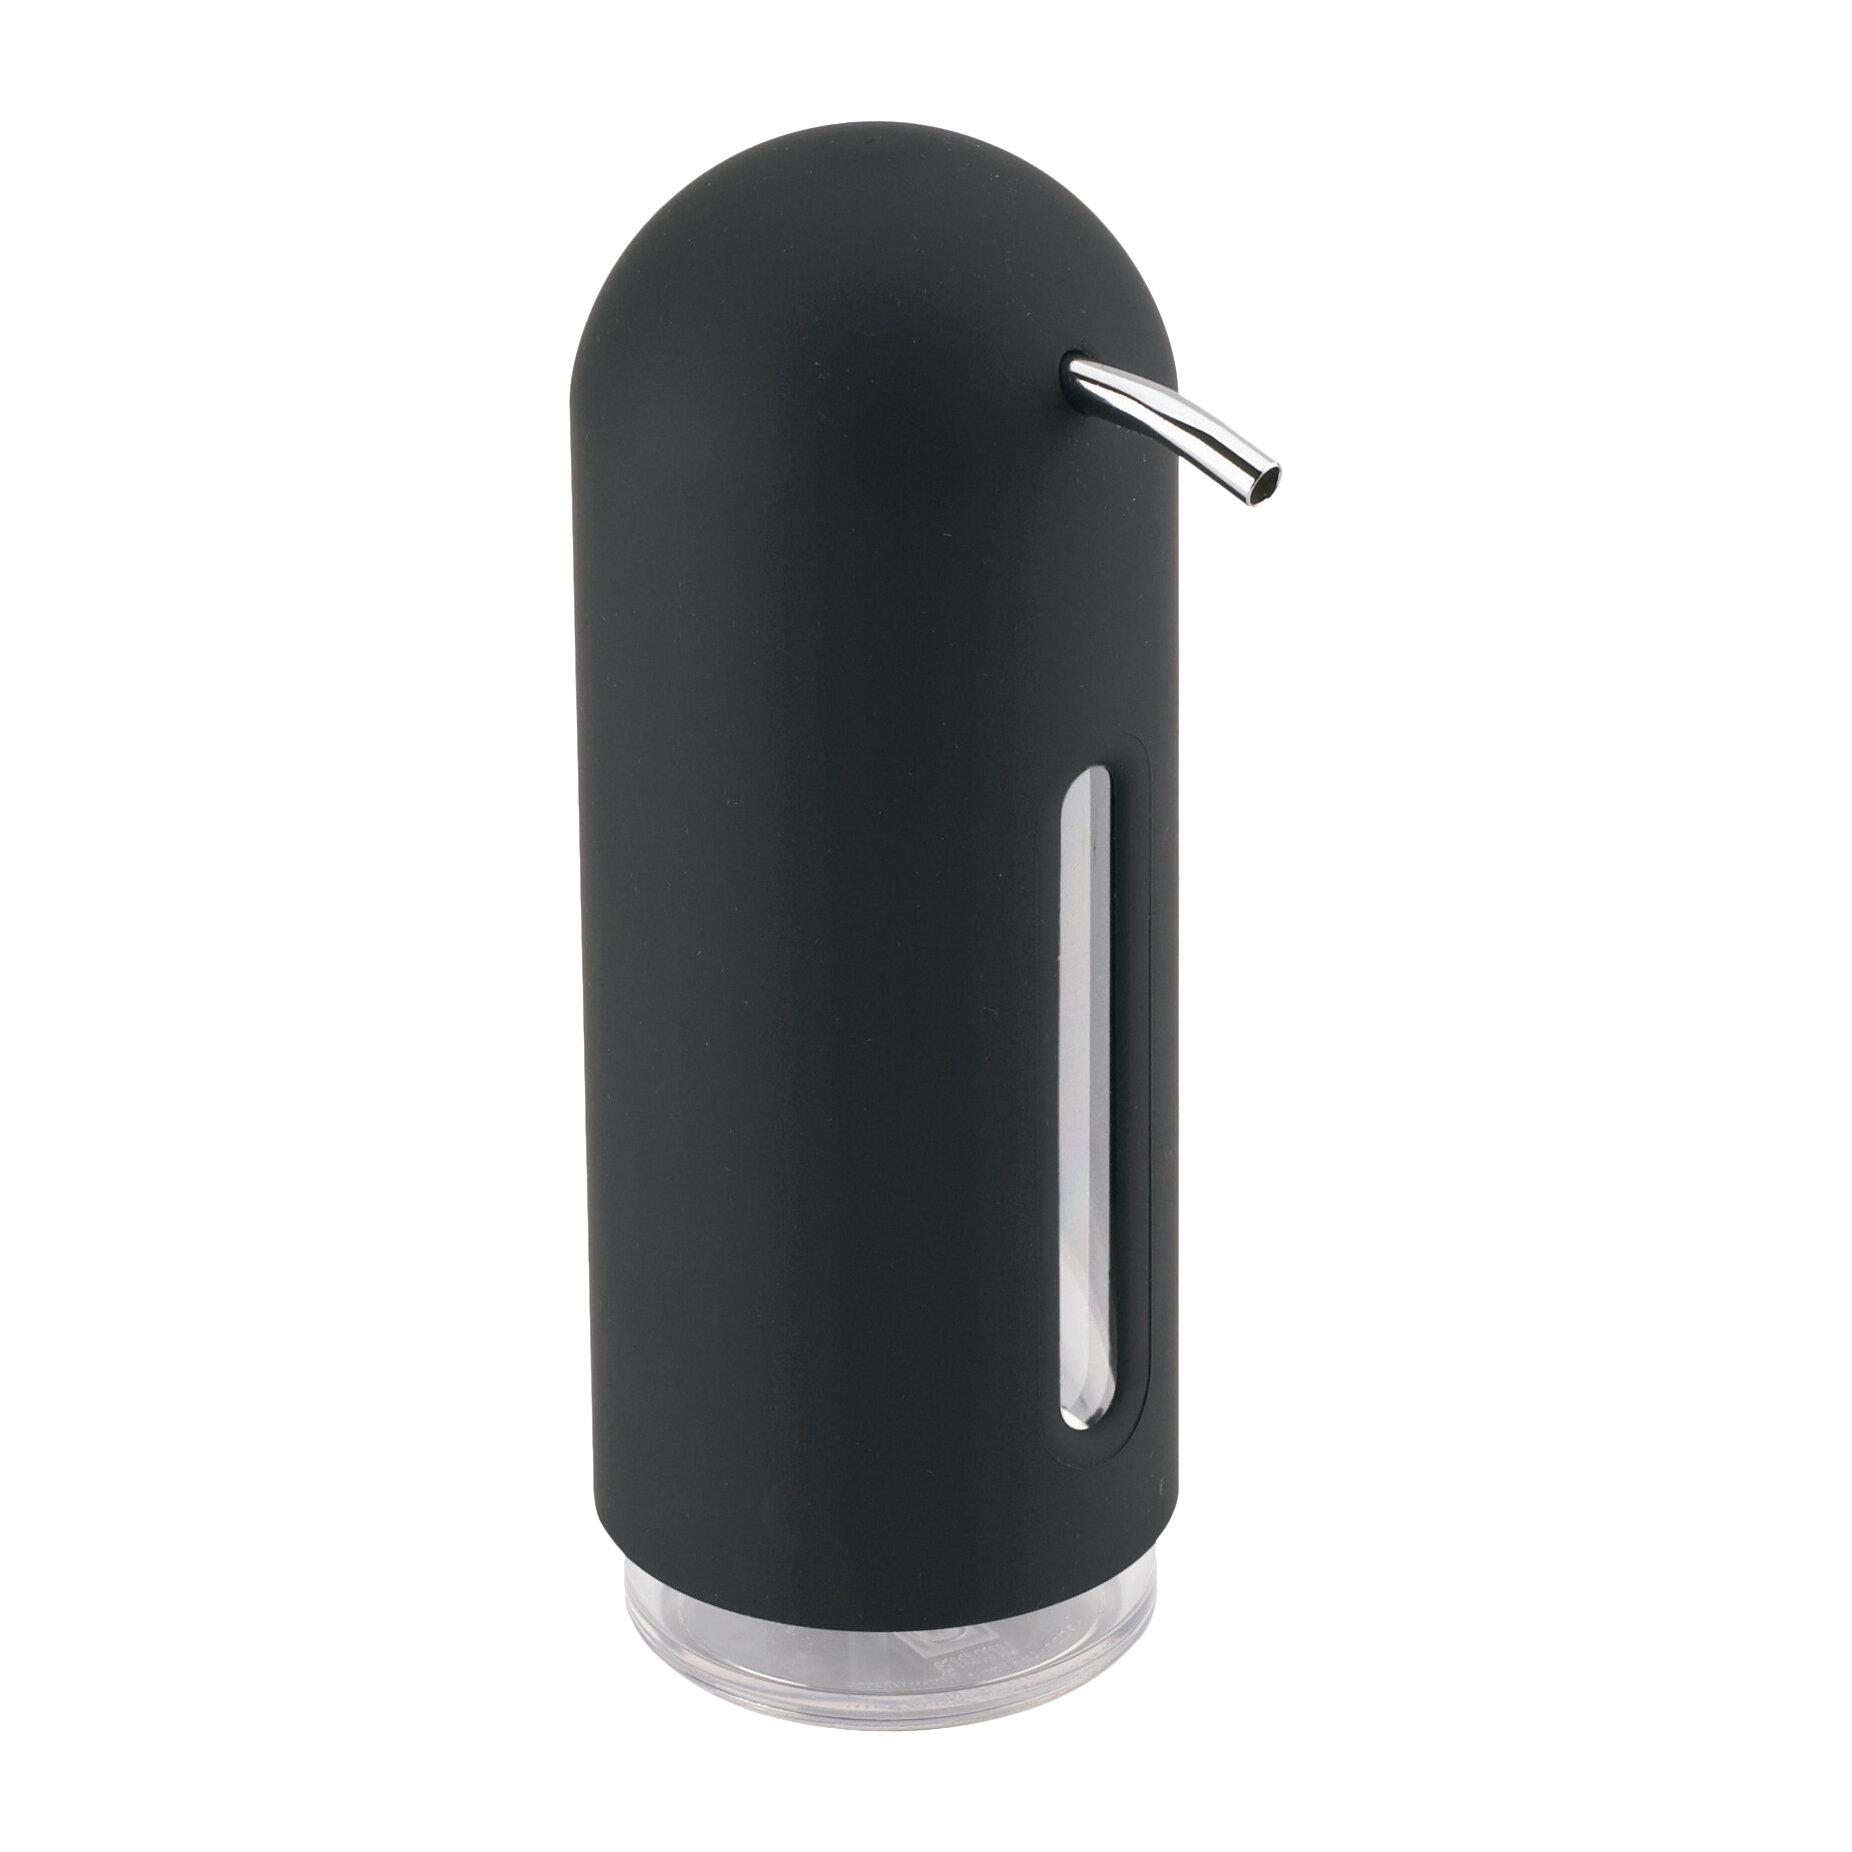 Penguin Soap Dispenser Reviews